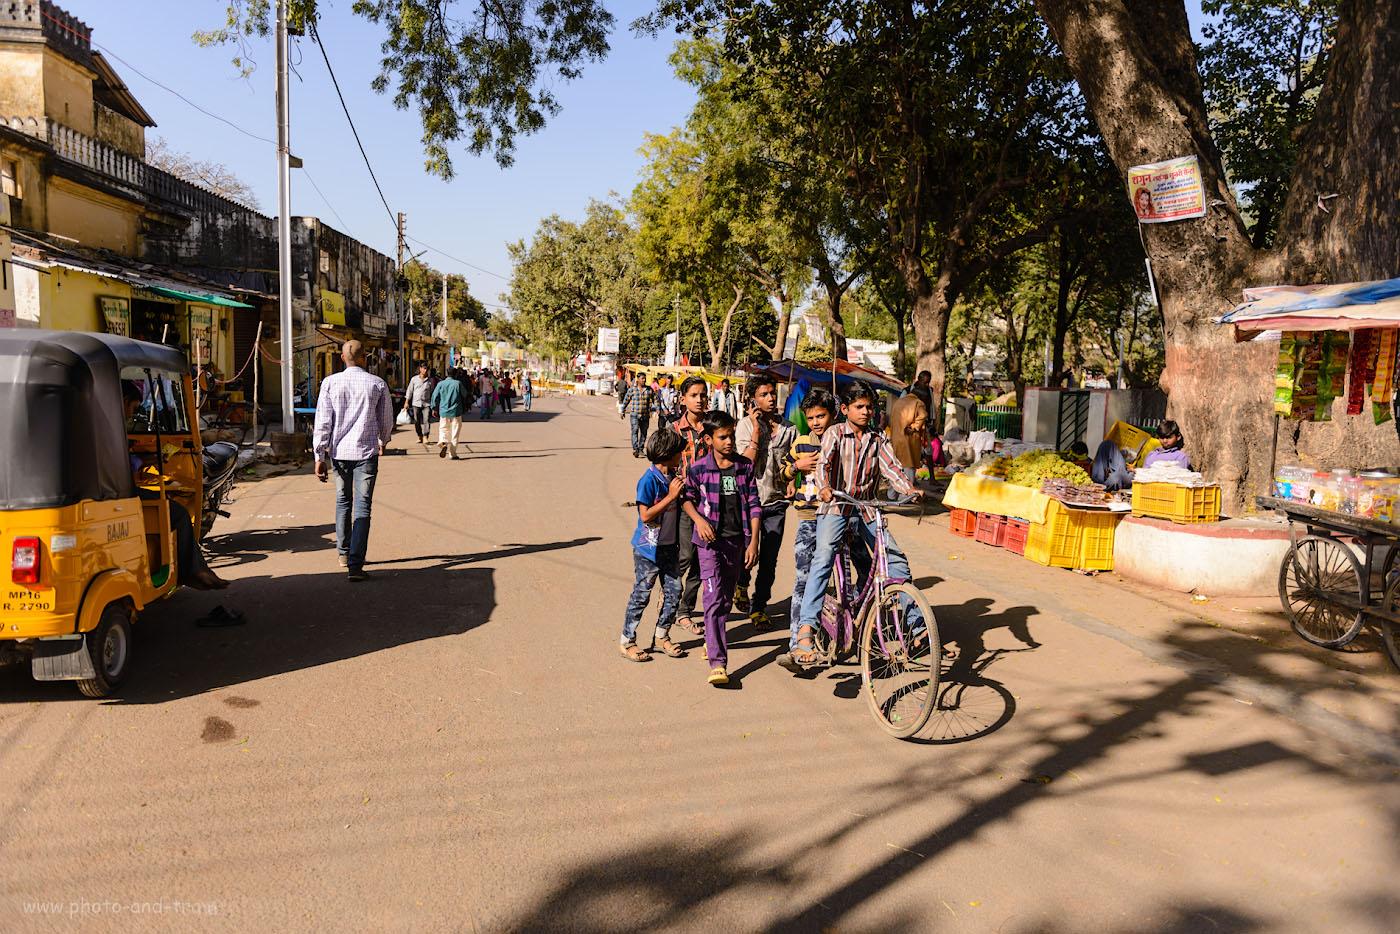 Фотография 16. Сценки из уличной жизни индийской глубинки. Прогулка по Кхаджурахо. 1/1600, 2.8, 100, 24.